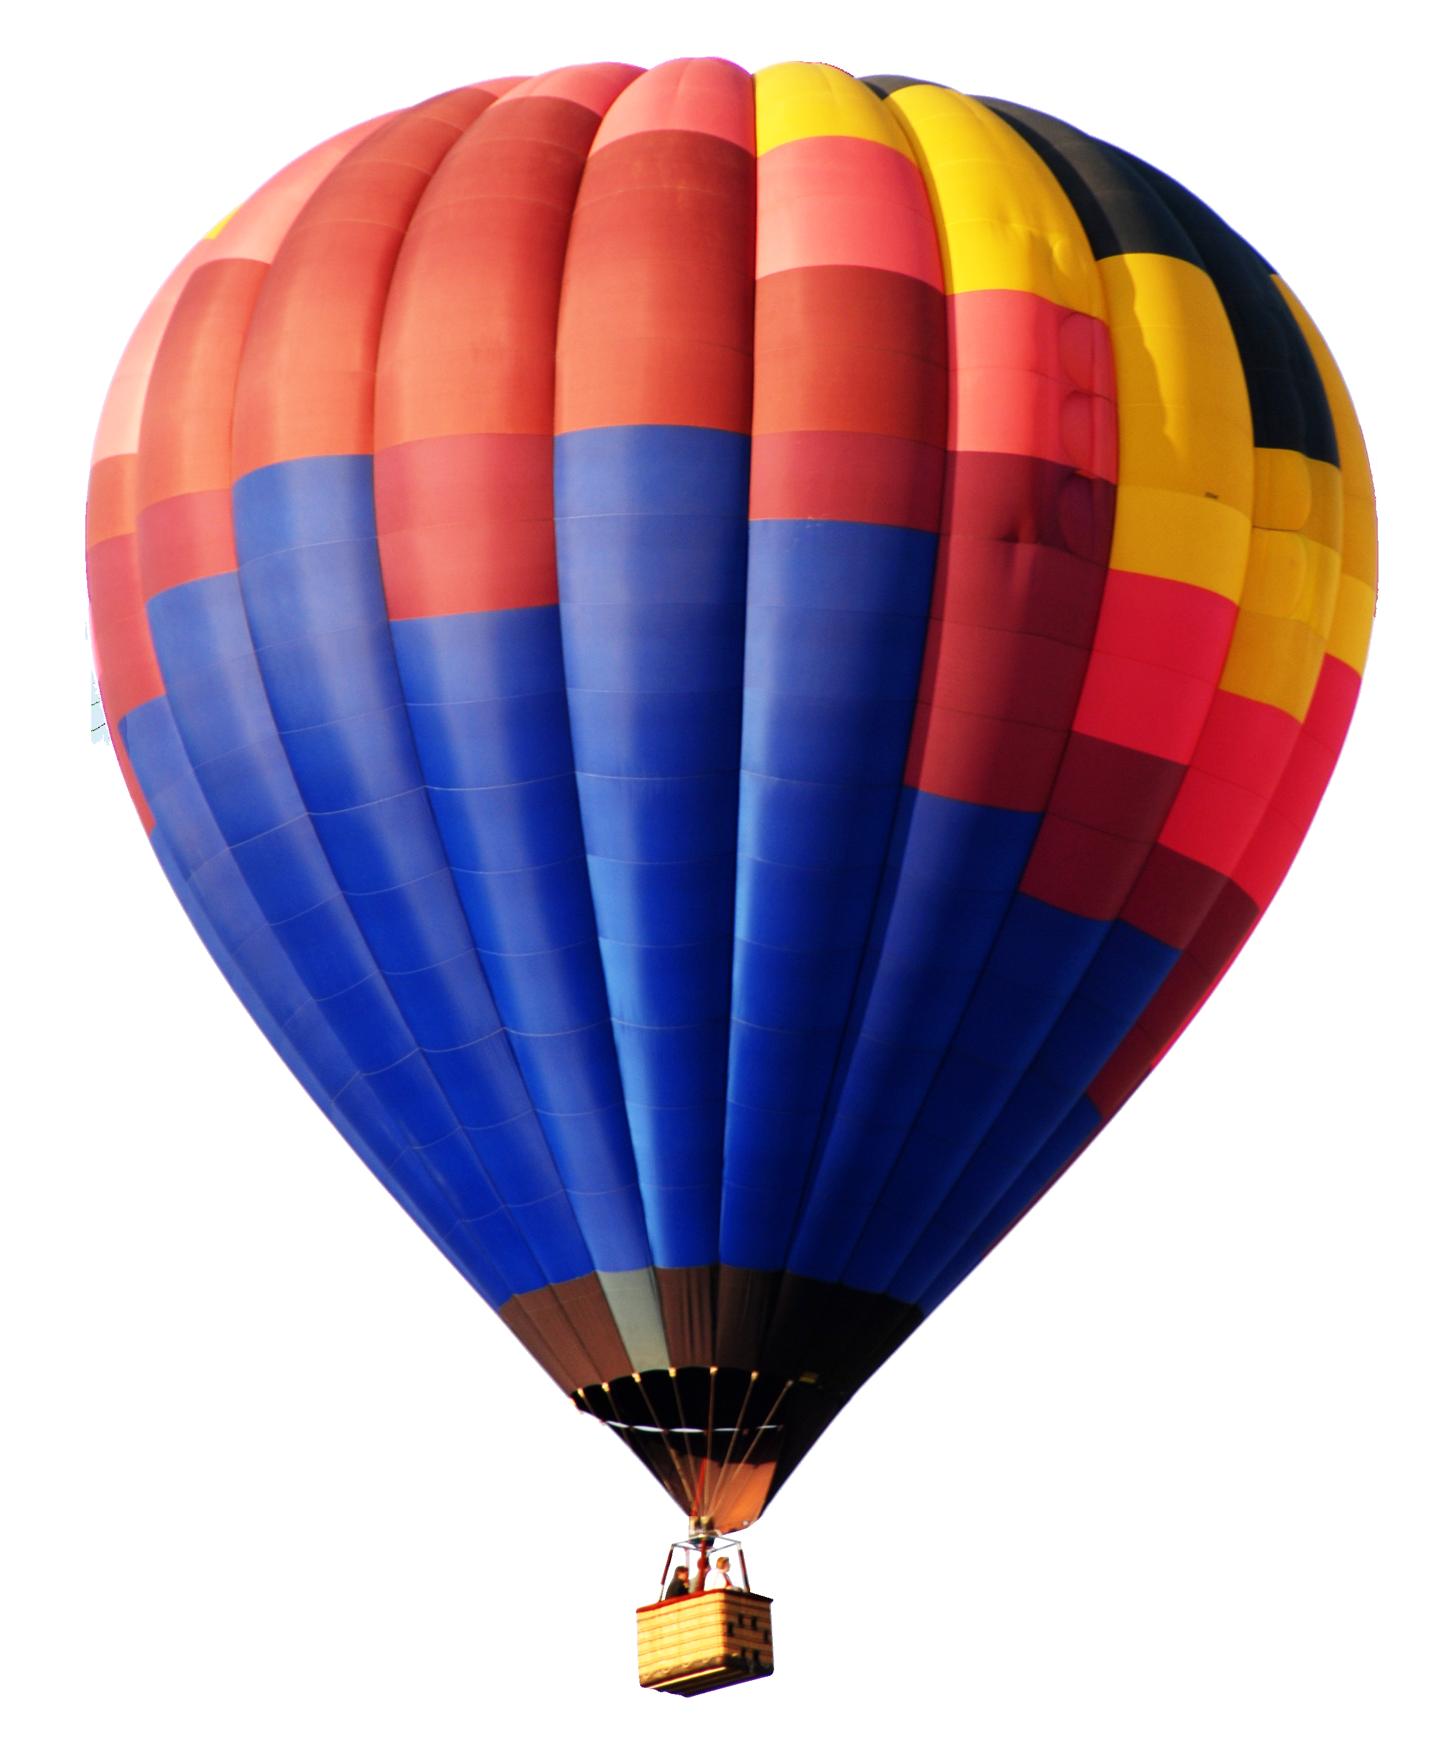 Hot Air Balloon Png Image Hot Air Balloon Clipart Fire Balloon Air Balloon